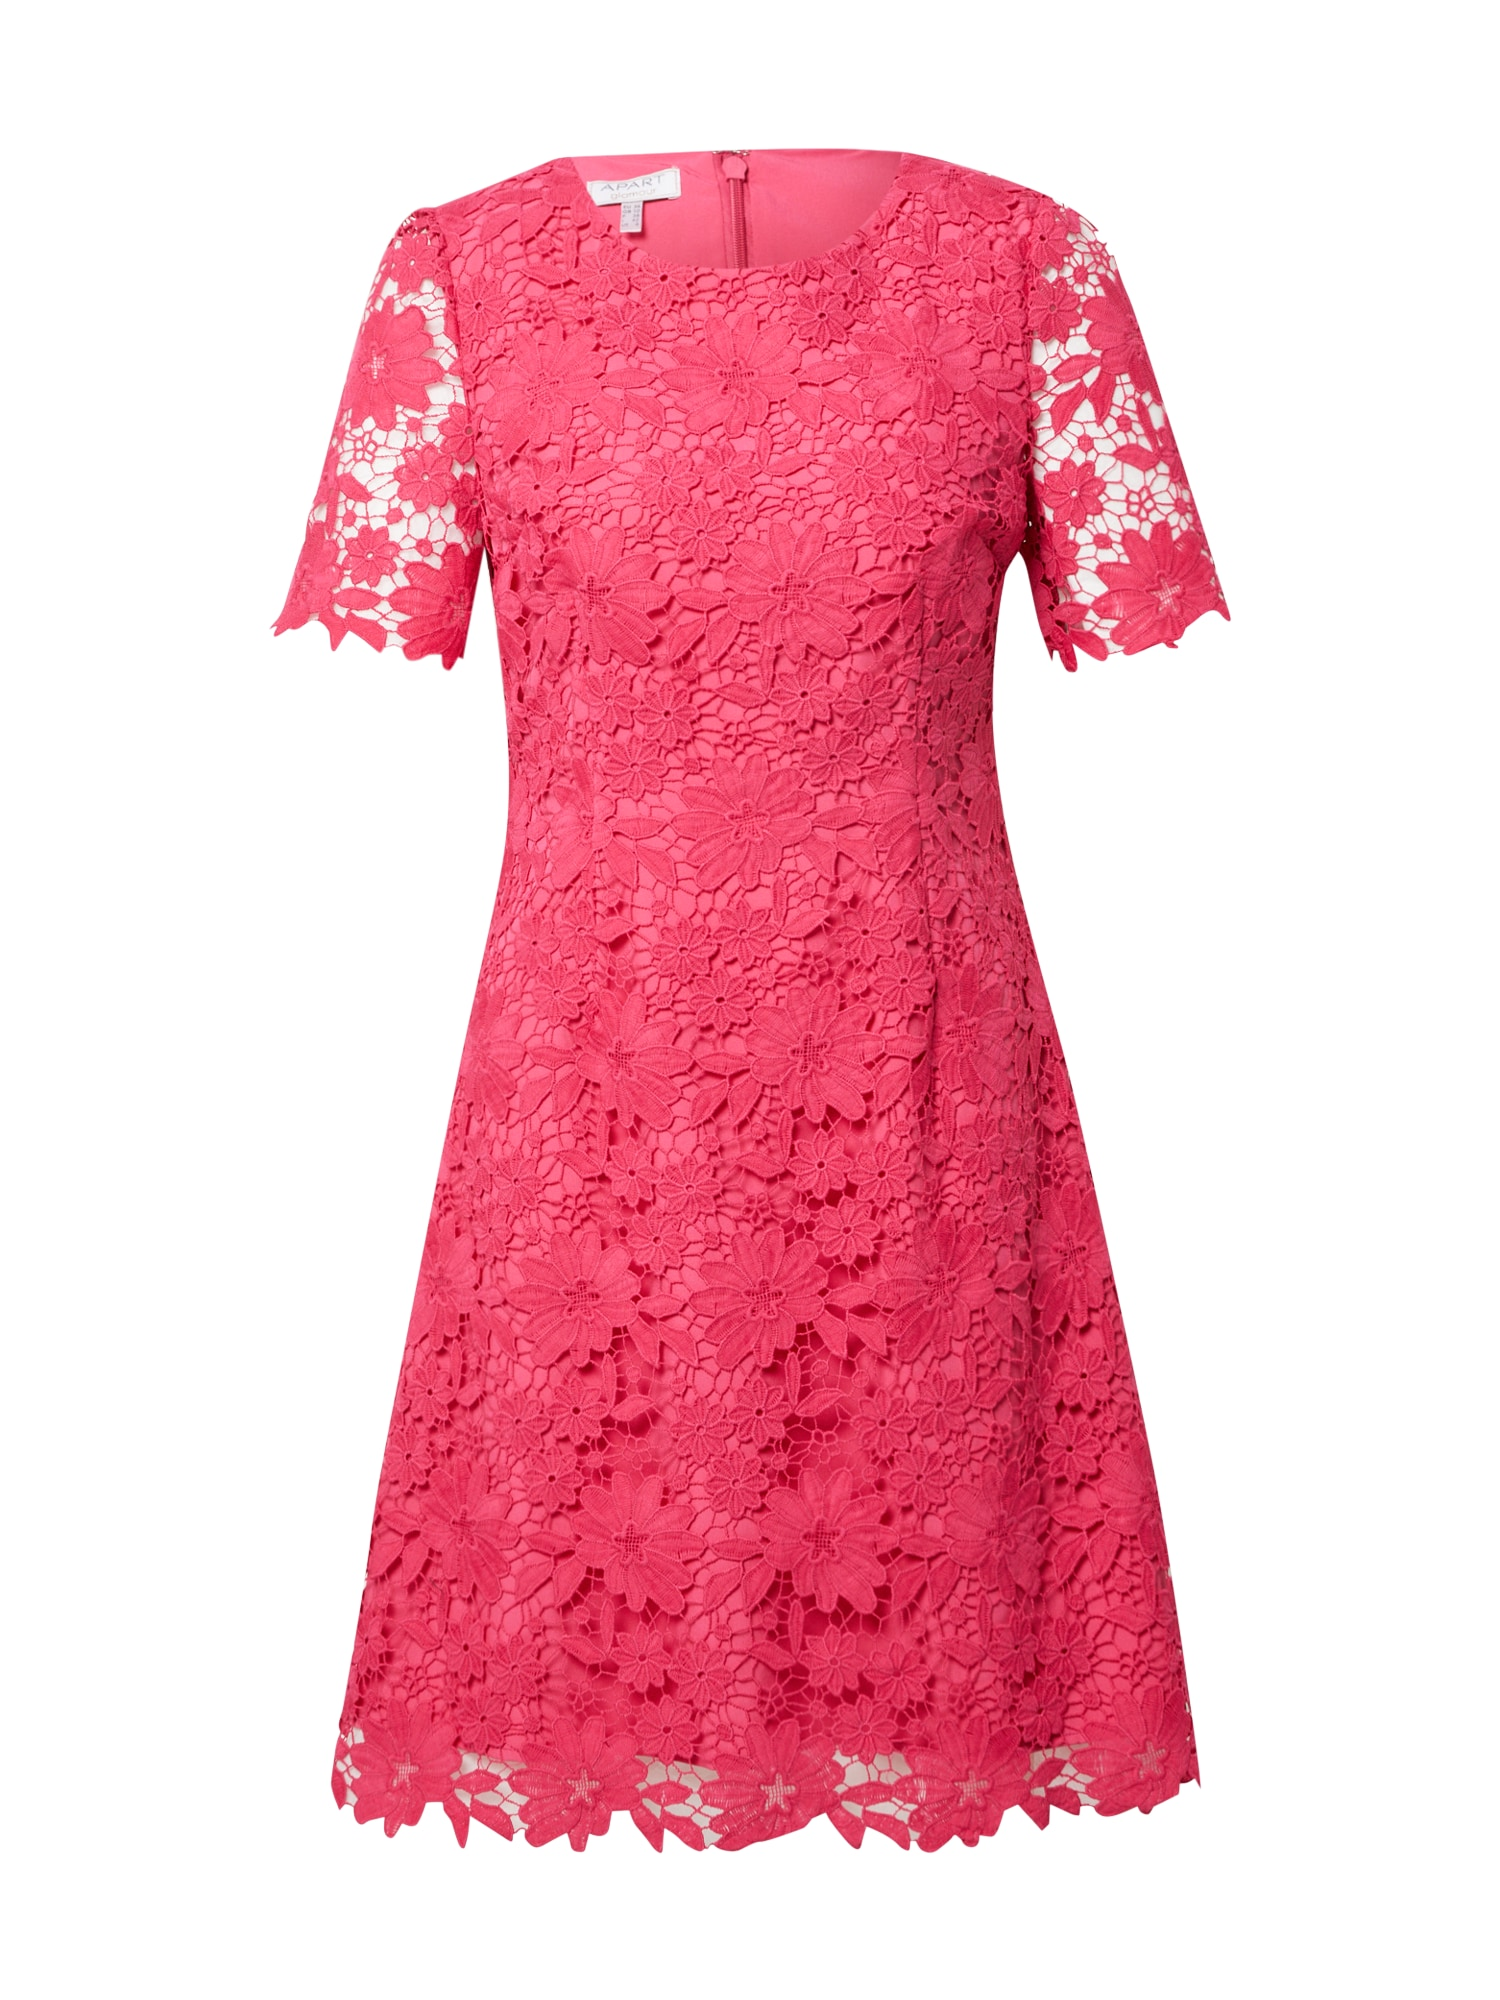 APART Kokteilinė suknelė rožinė